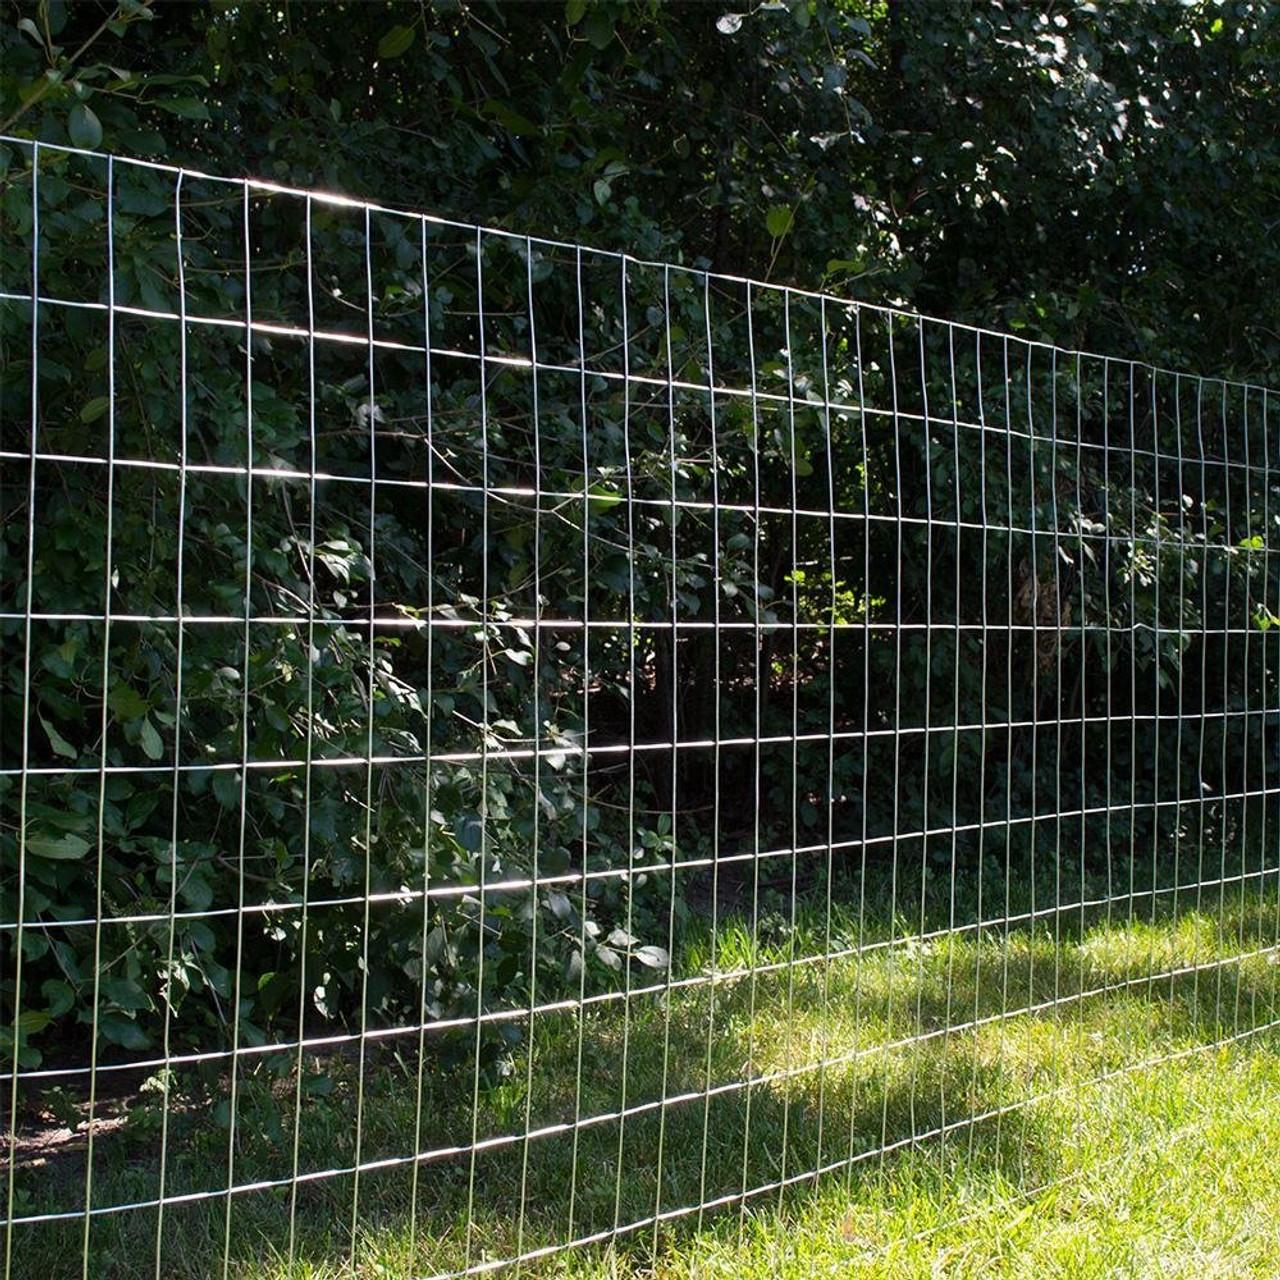 Fencer Wire 12 5 Gauge Galvanized Welded Wire 2 Inch By 4